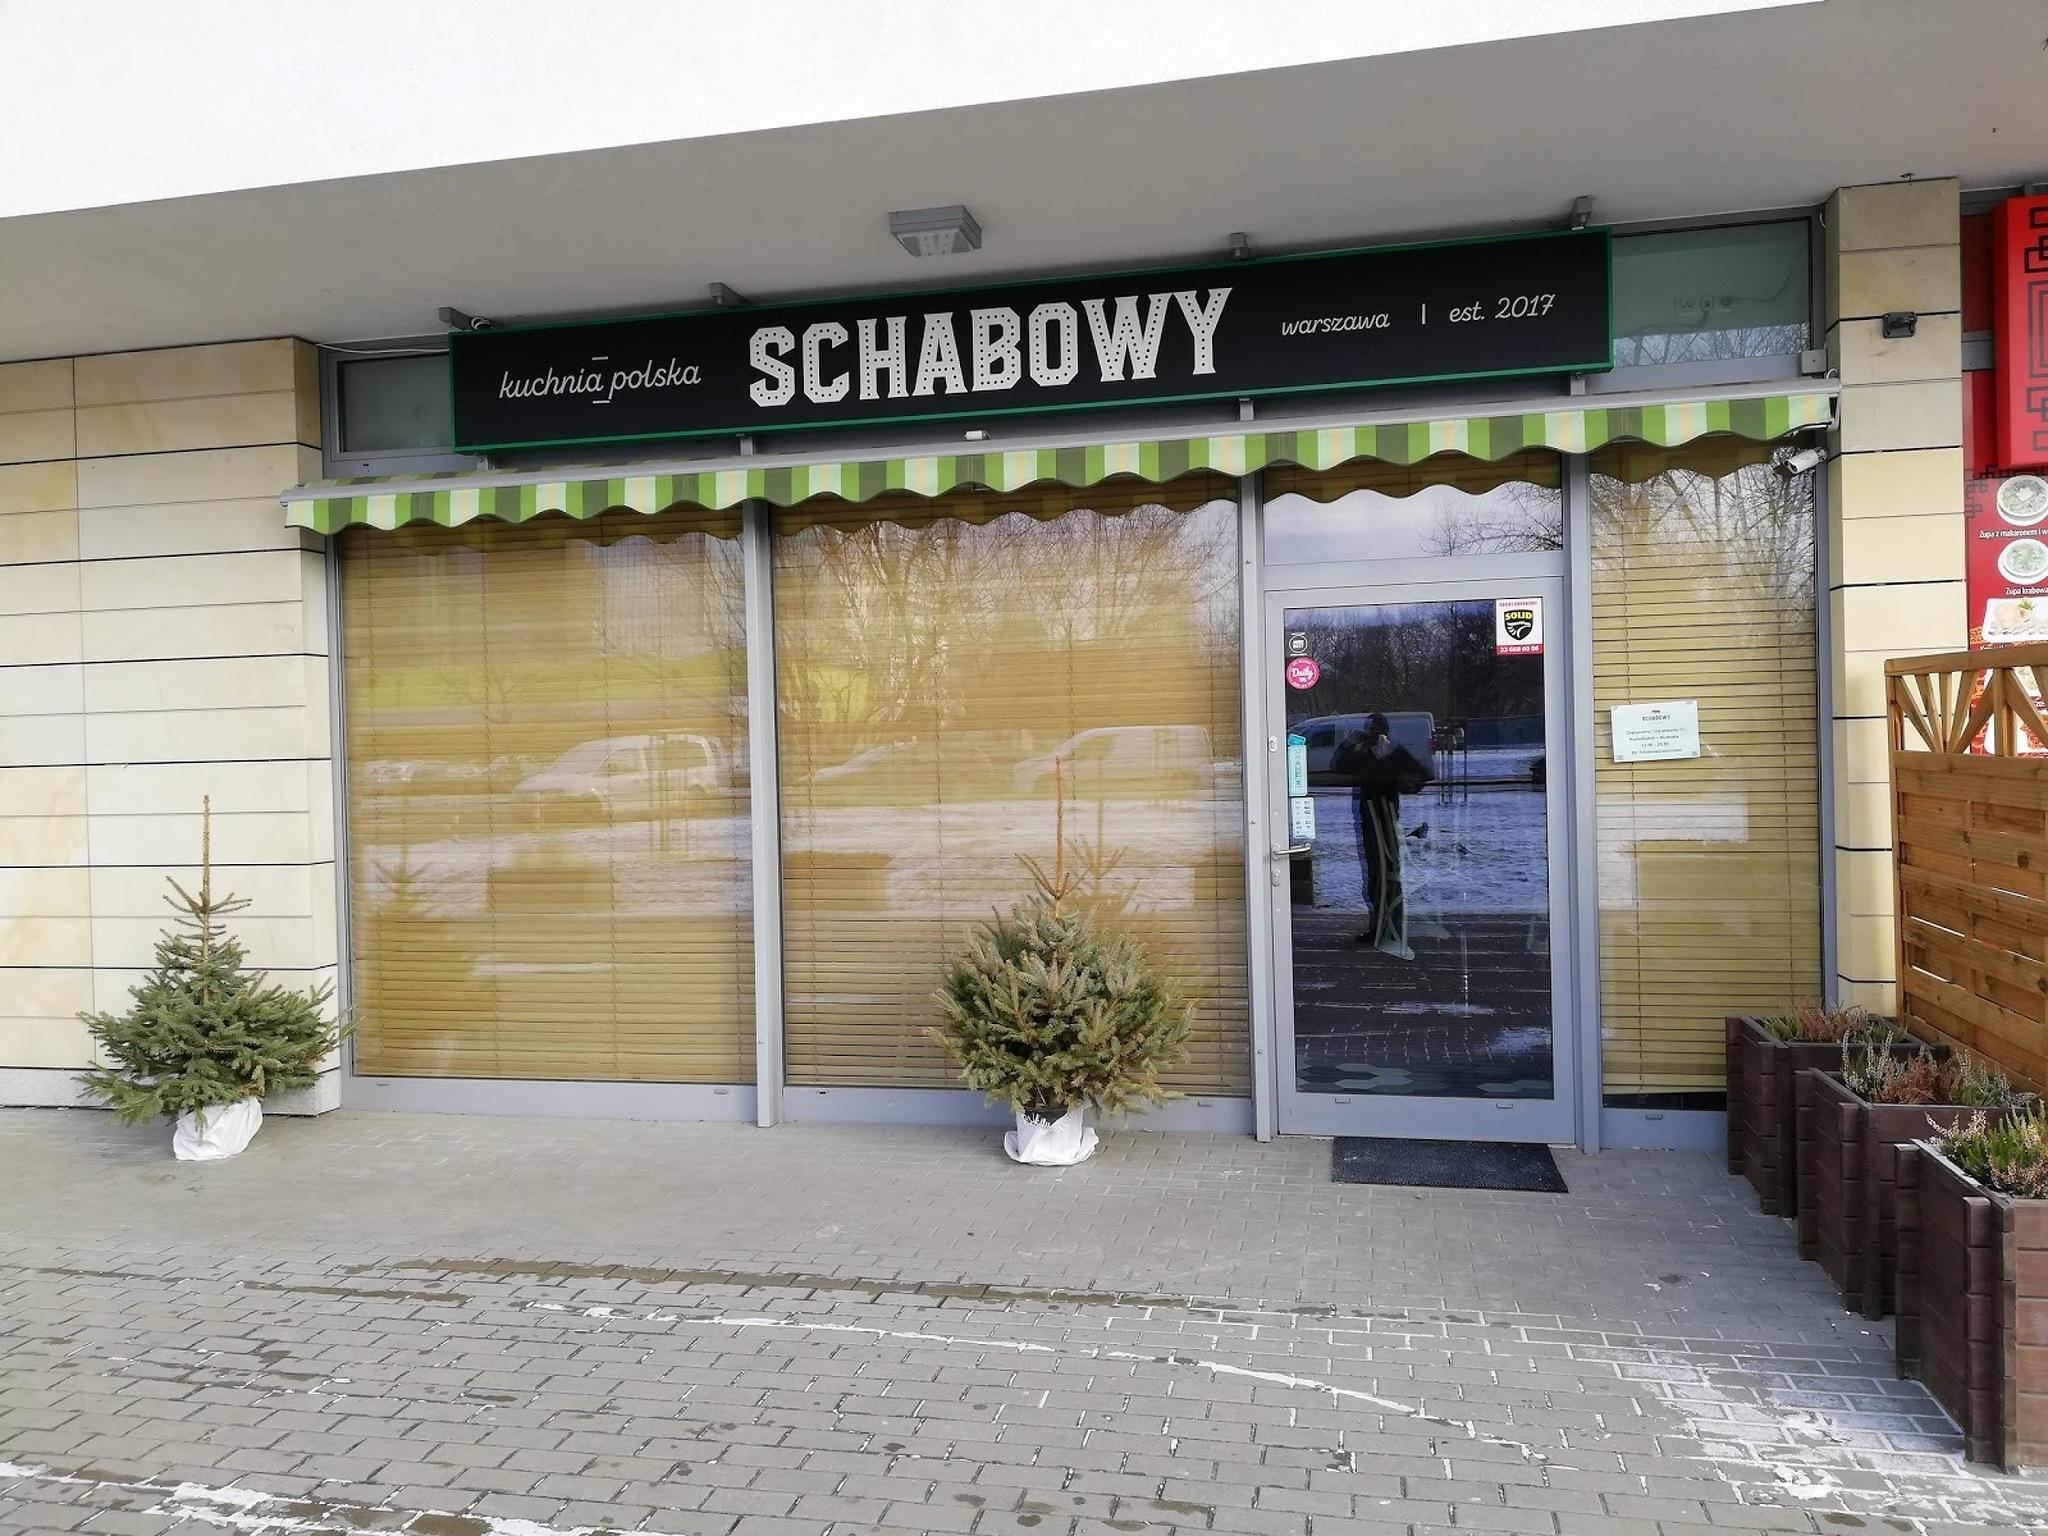 Schabowy Kuchnia Polska Warsaw Reviews Photos Address